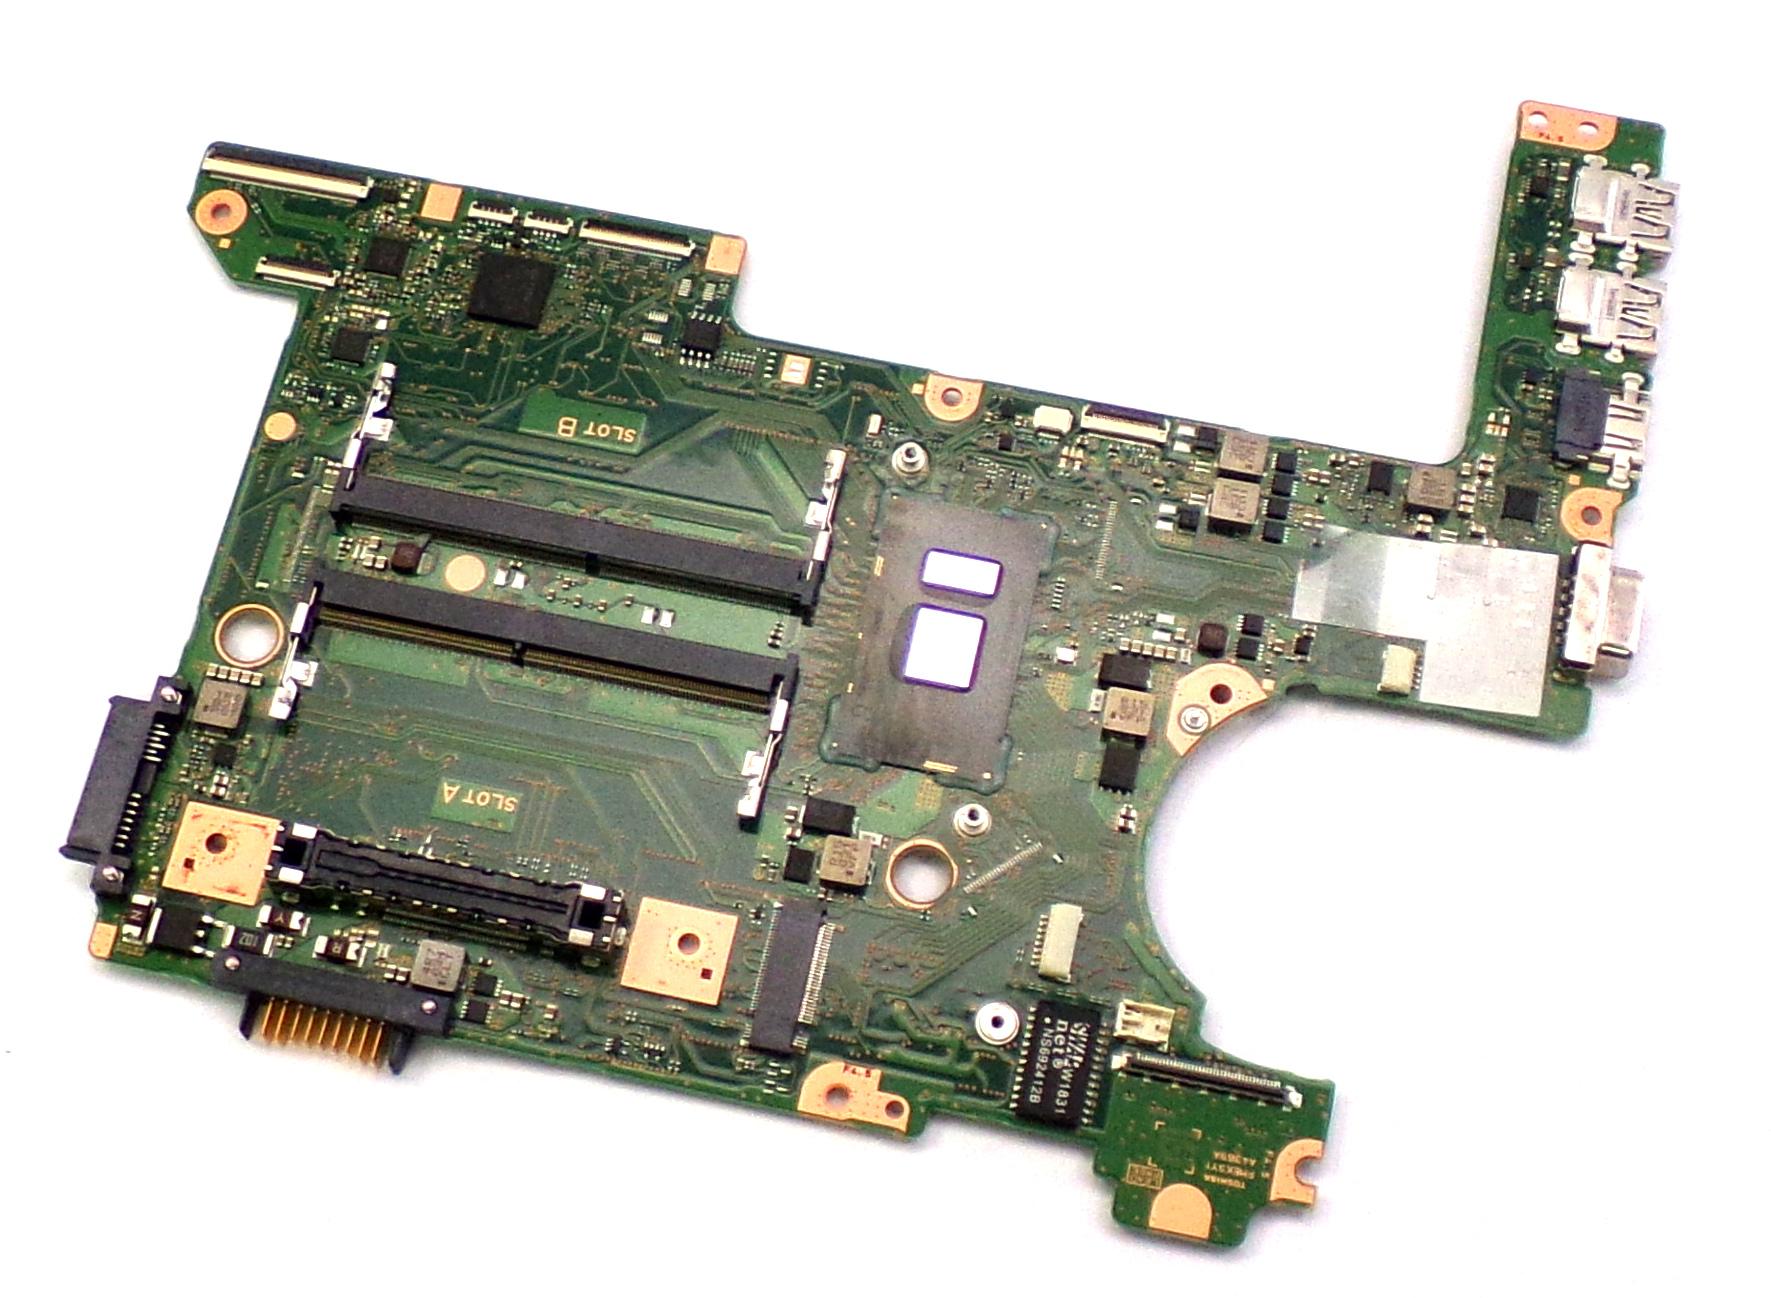 Toshiba FMEKSY1 Tecra A40-D19U with Intel i5-7200U 2.5GHz Motherboard - A4369A